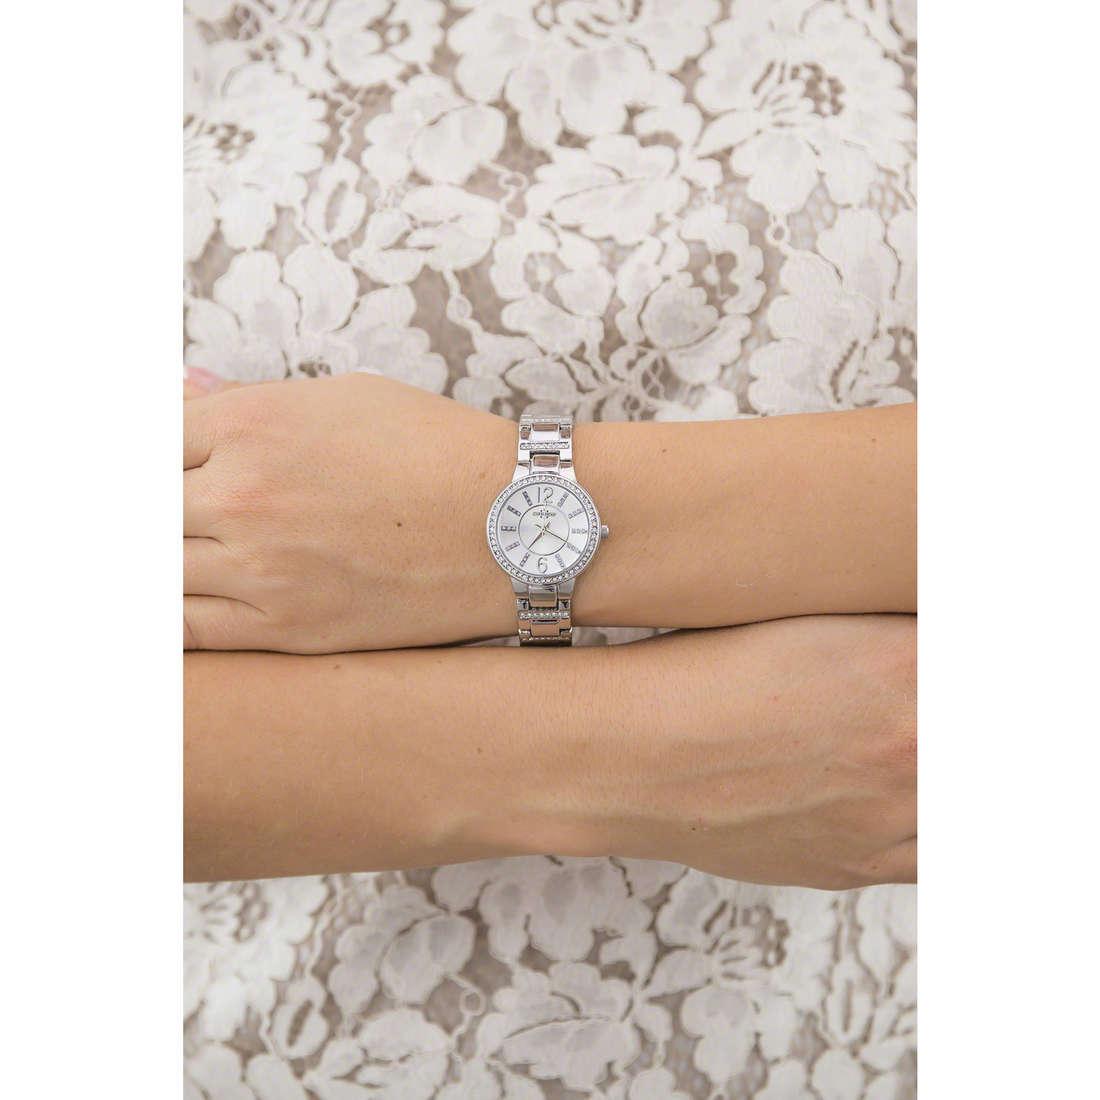 Chronostar seul le temps Desiderio femme R3753247502 indosso